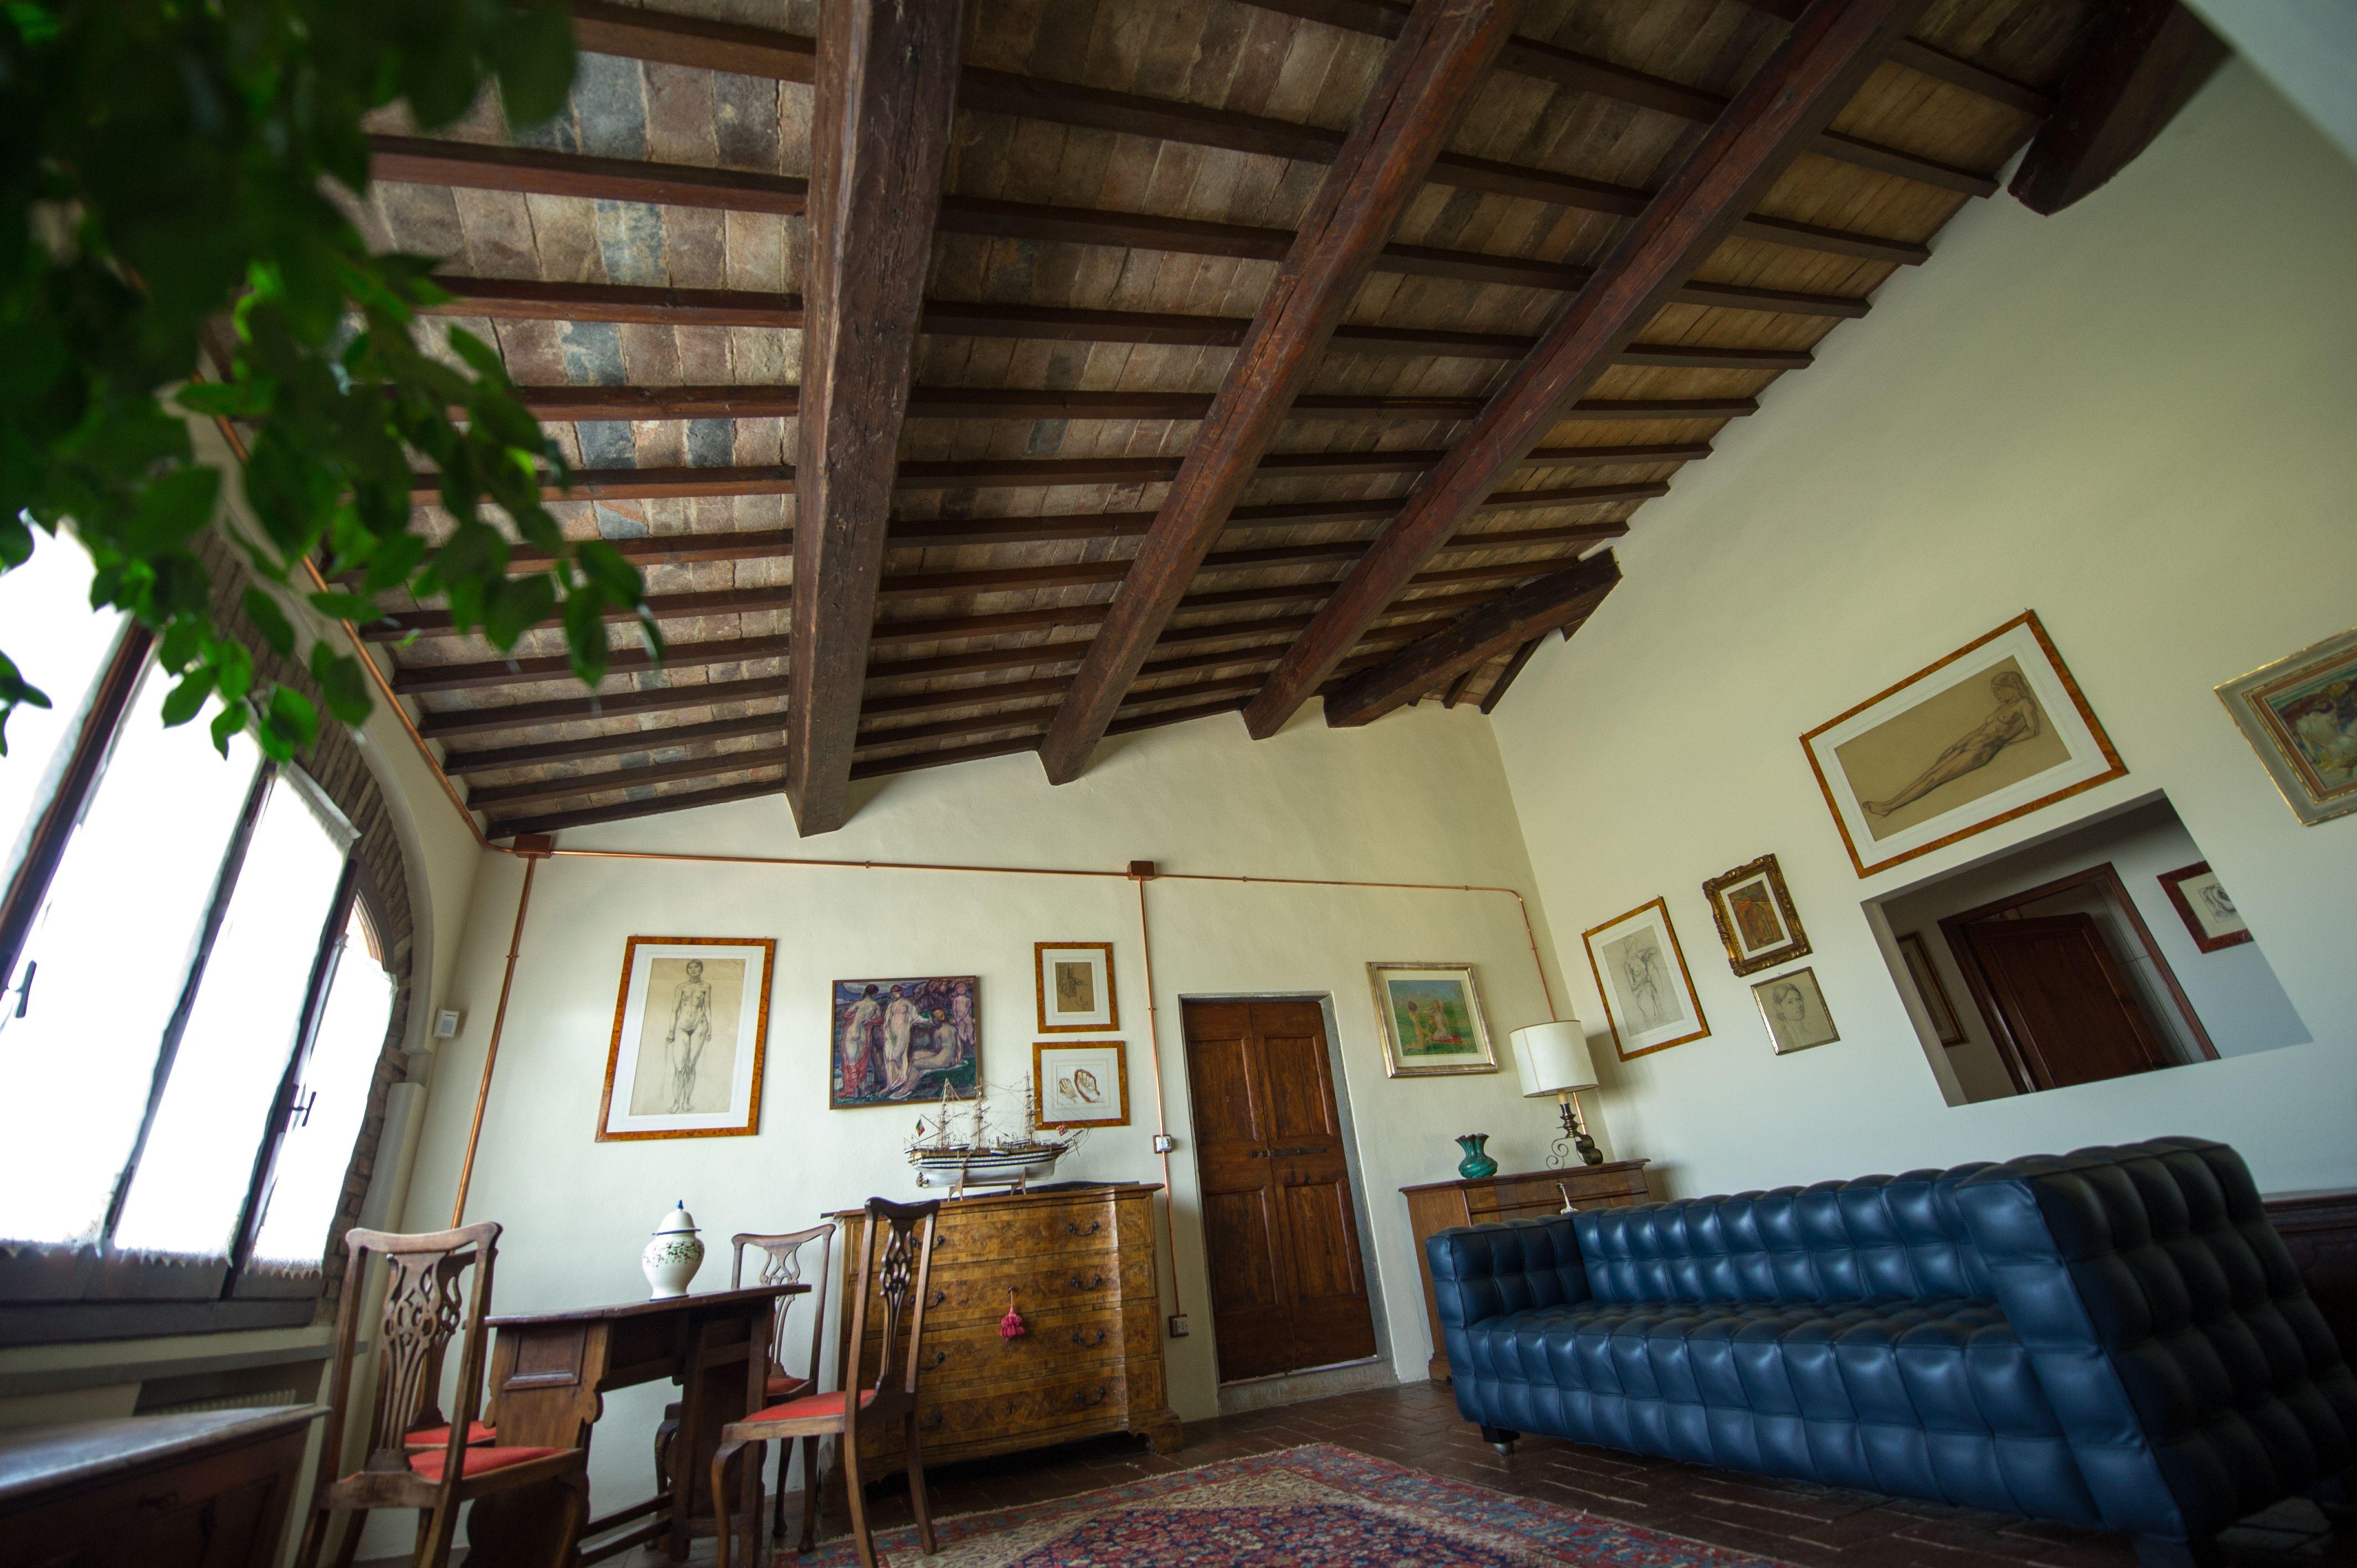 La nostra struttura, immersa nel Chianti fiorentino, offre